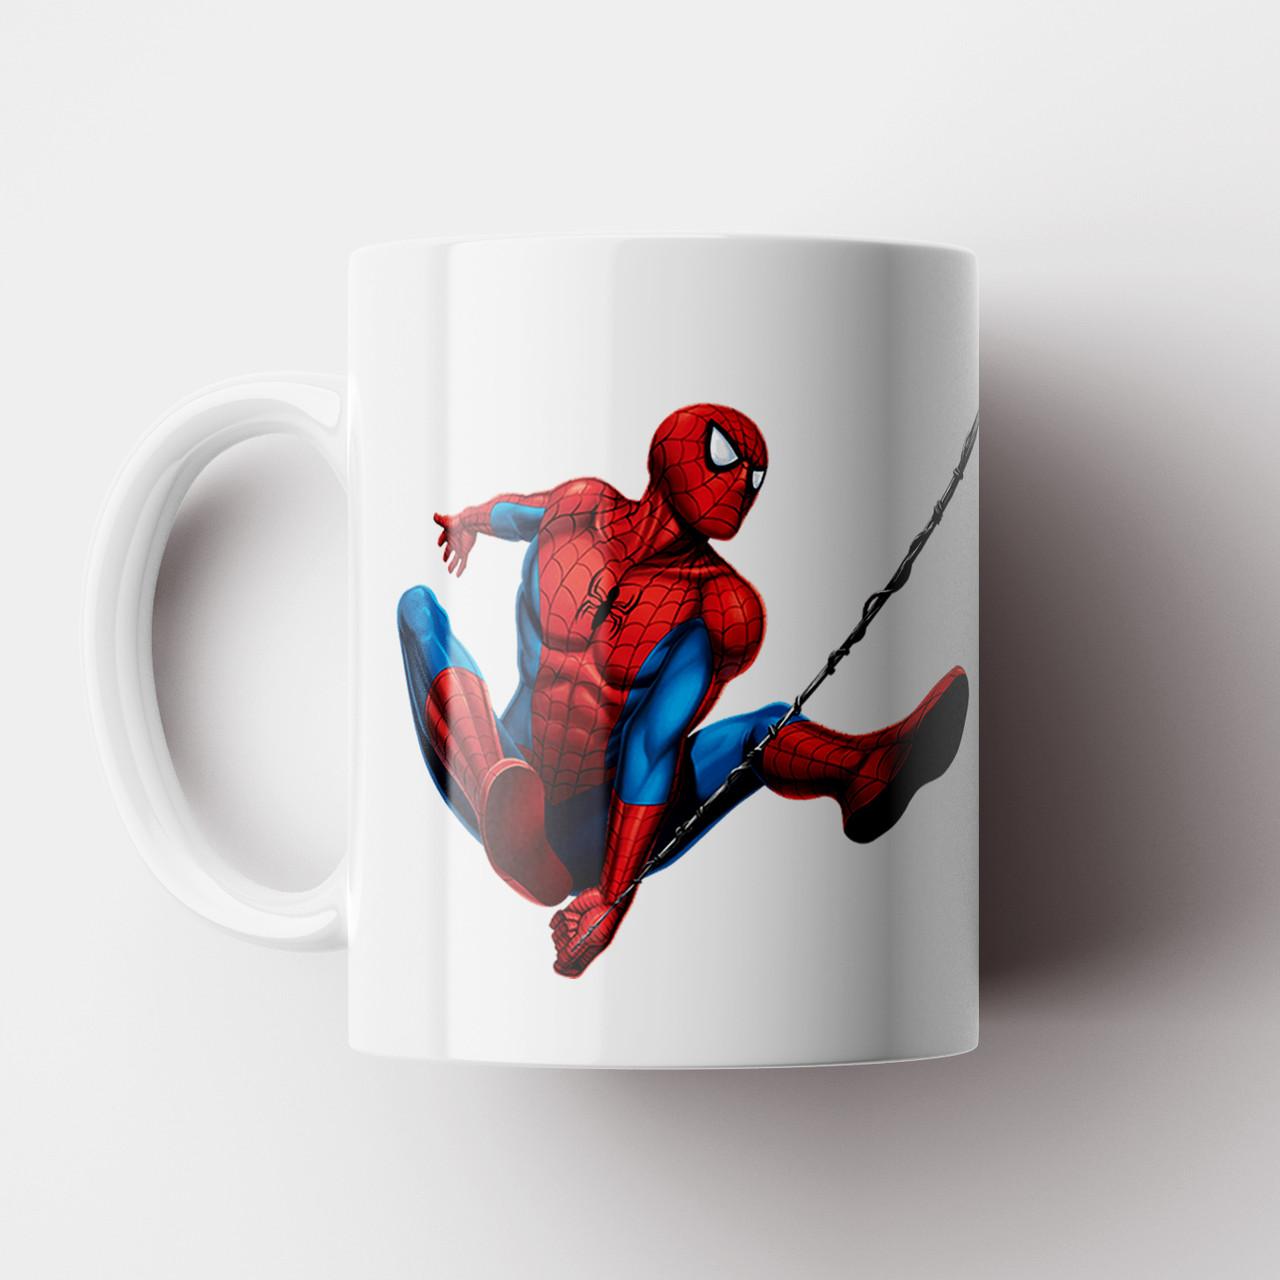 Кружка с принтом Человек паук. Чашка с принтом Spider-Man v10. Чашка с фото